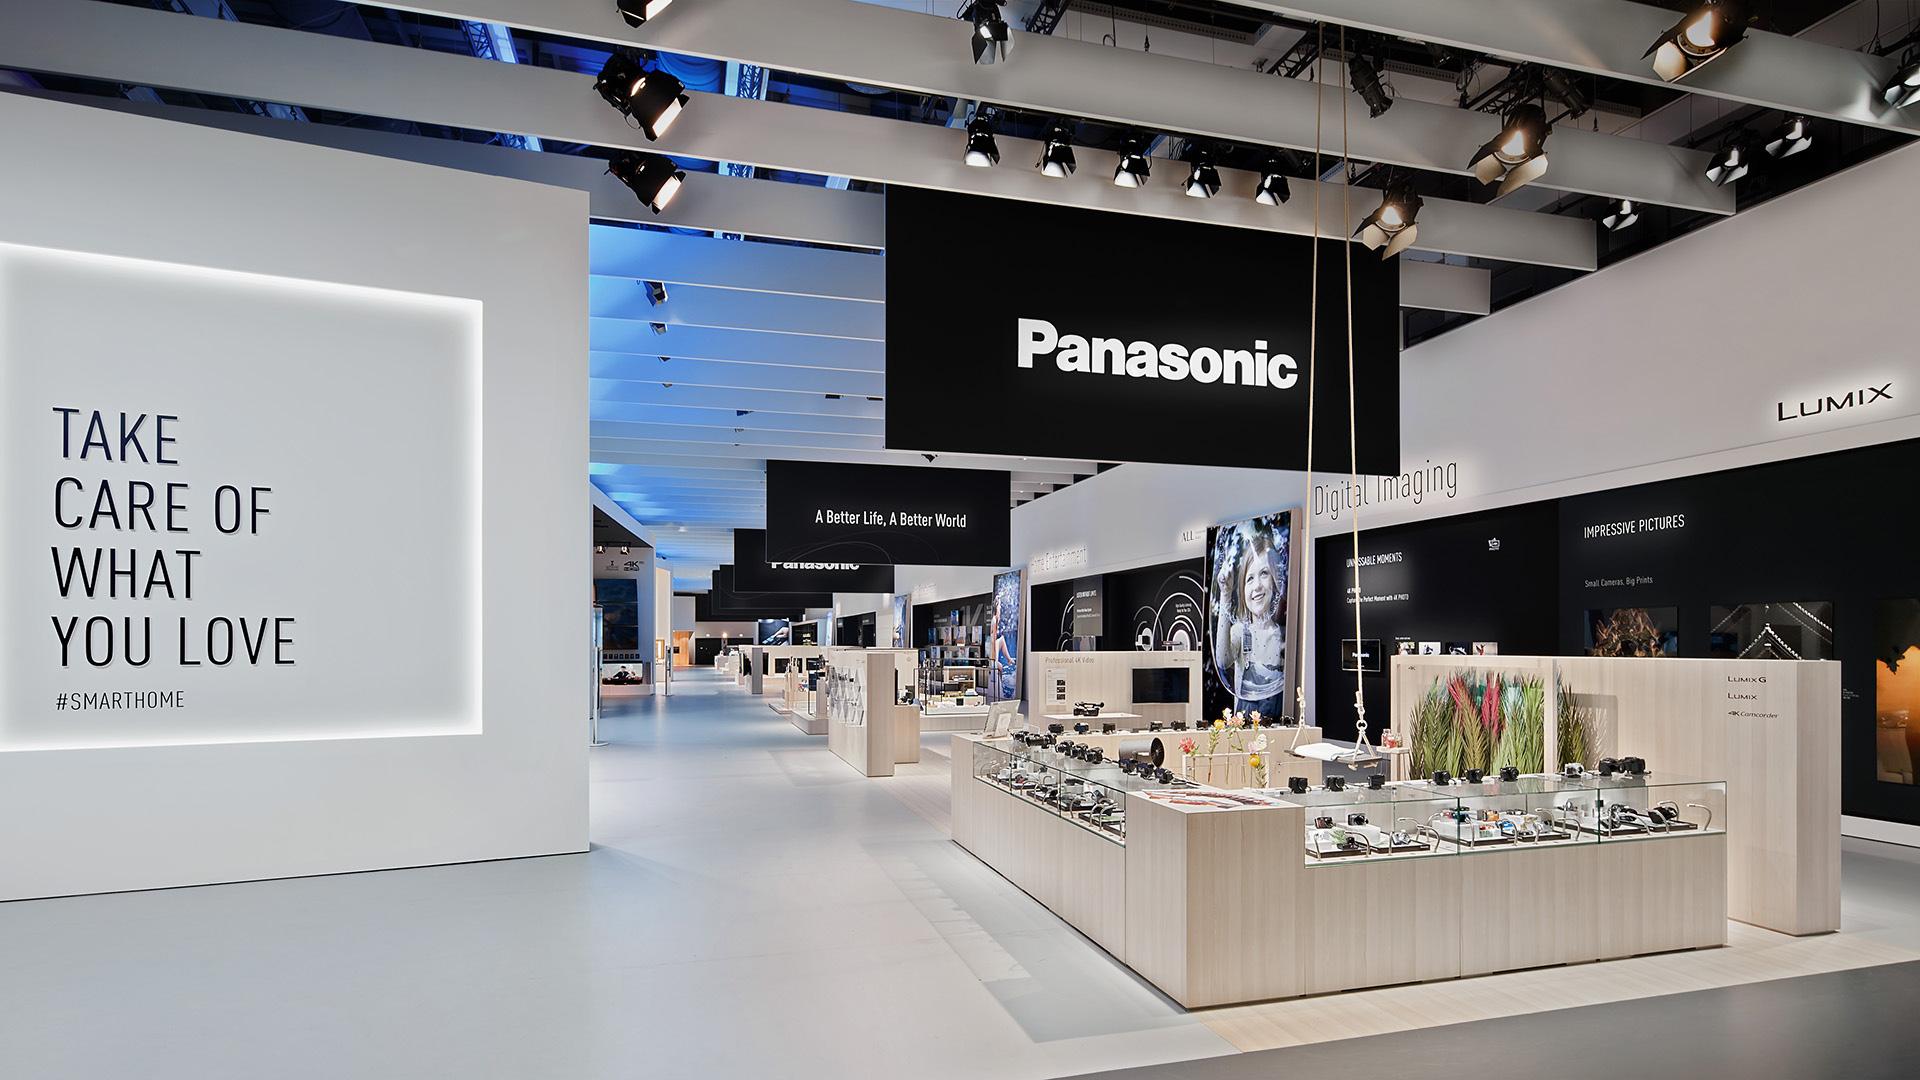 Dart inszeniert den Messestand von Panasonic auf der IFA 2016